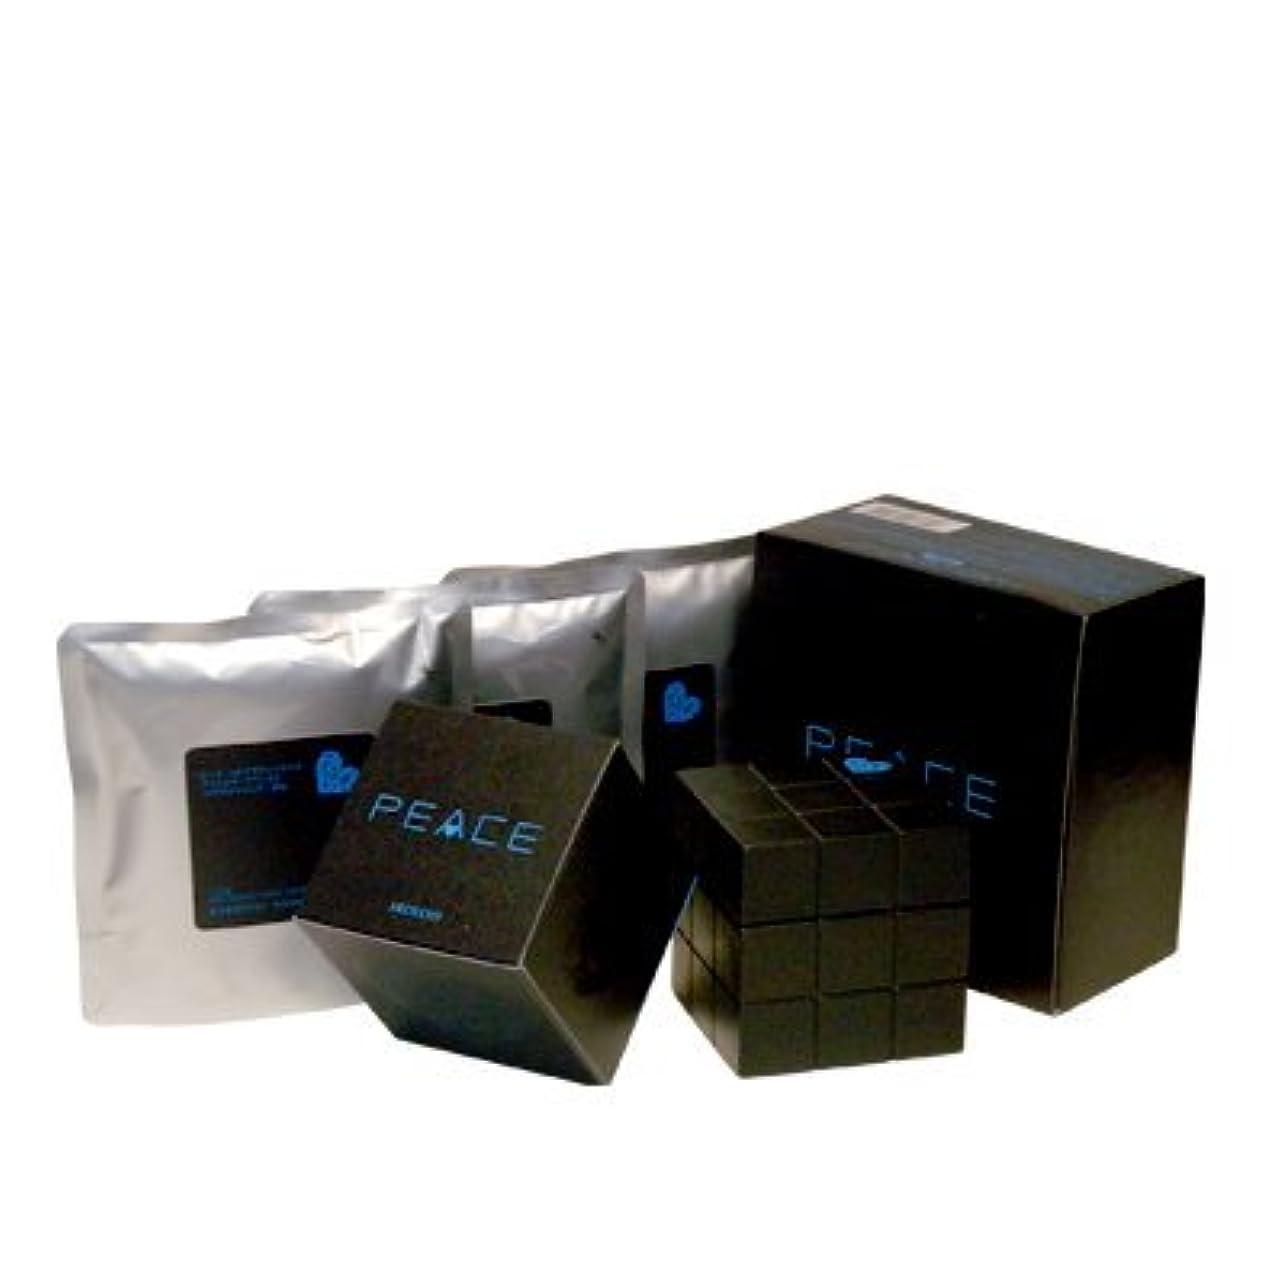 グローバル神学校ハイランドアリミノ ピース プロデザインシリーズ フリーズキープワックス ブラック80g+詰め替え80g×3